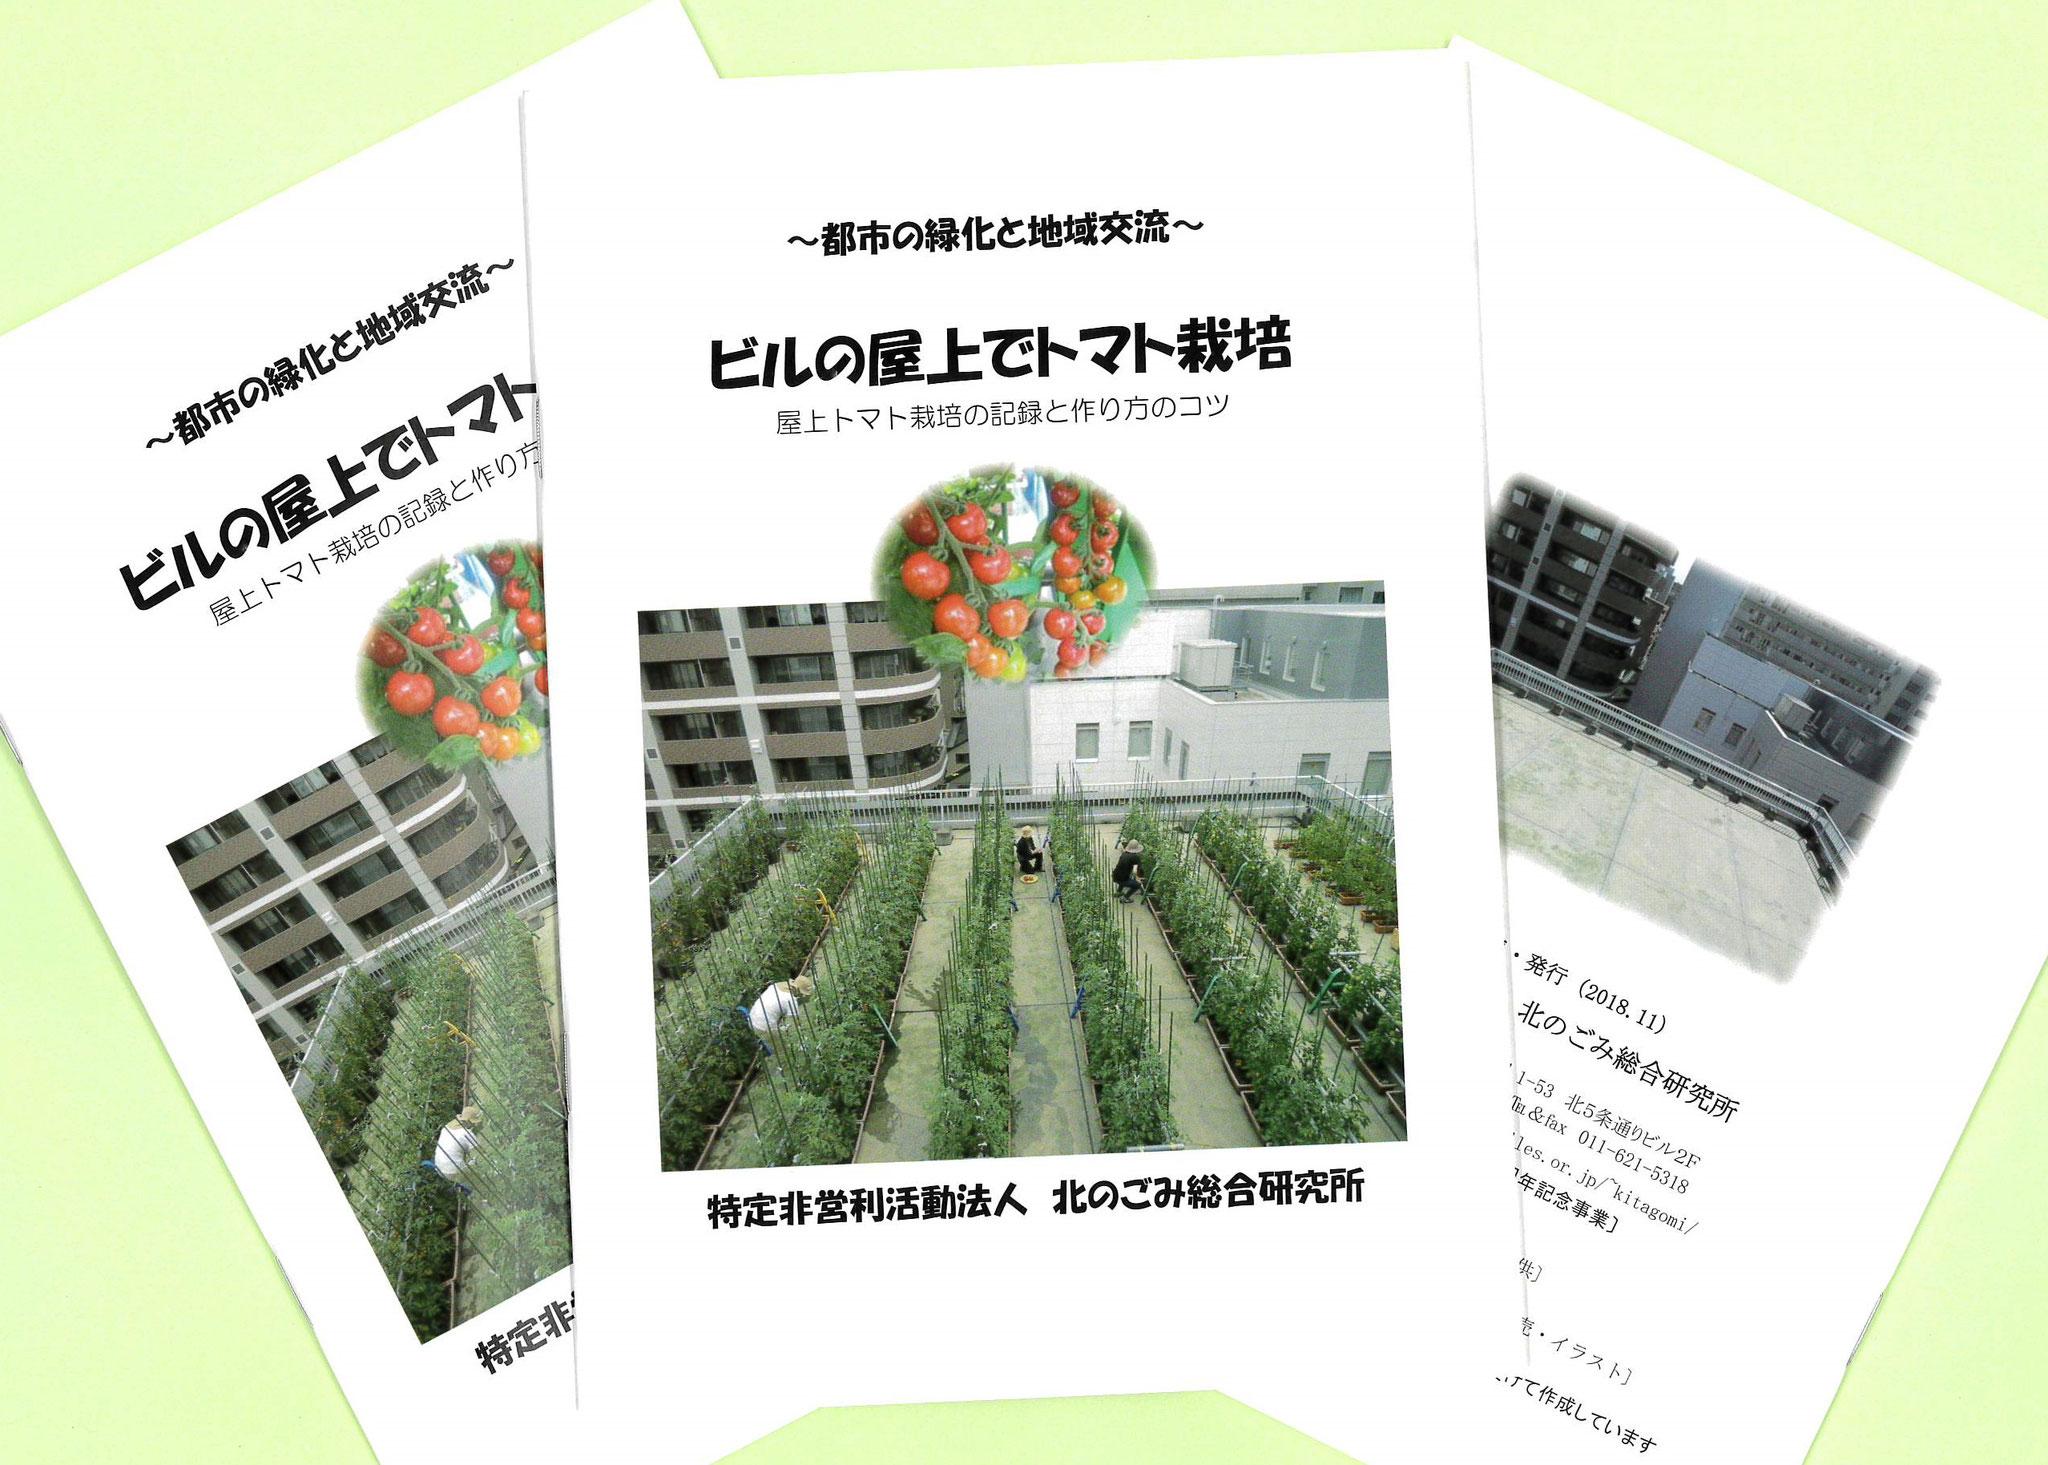 ビルの屋上トマト栽培マニュアル 完成!